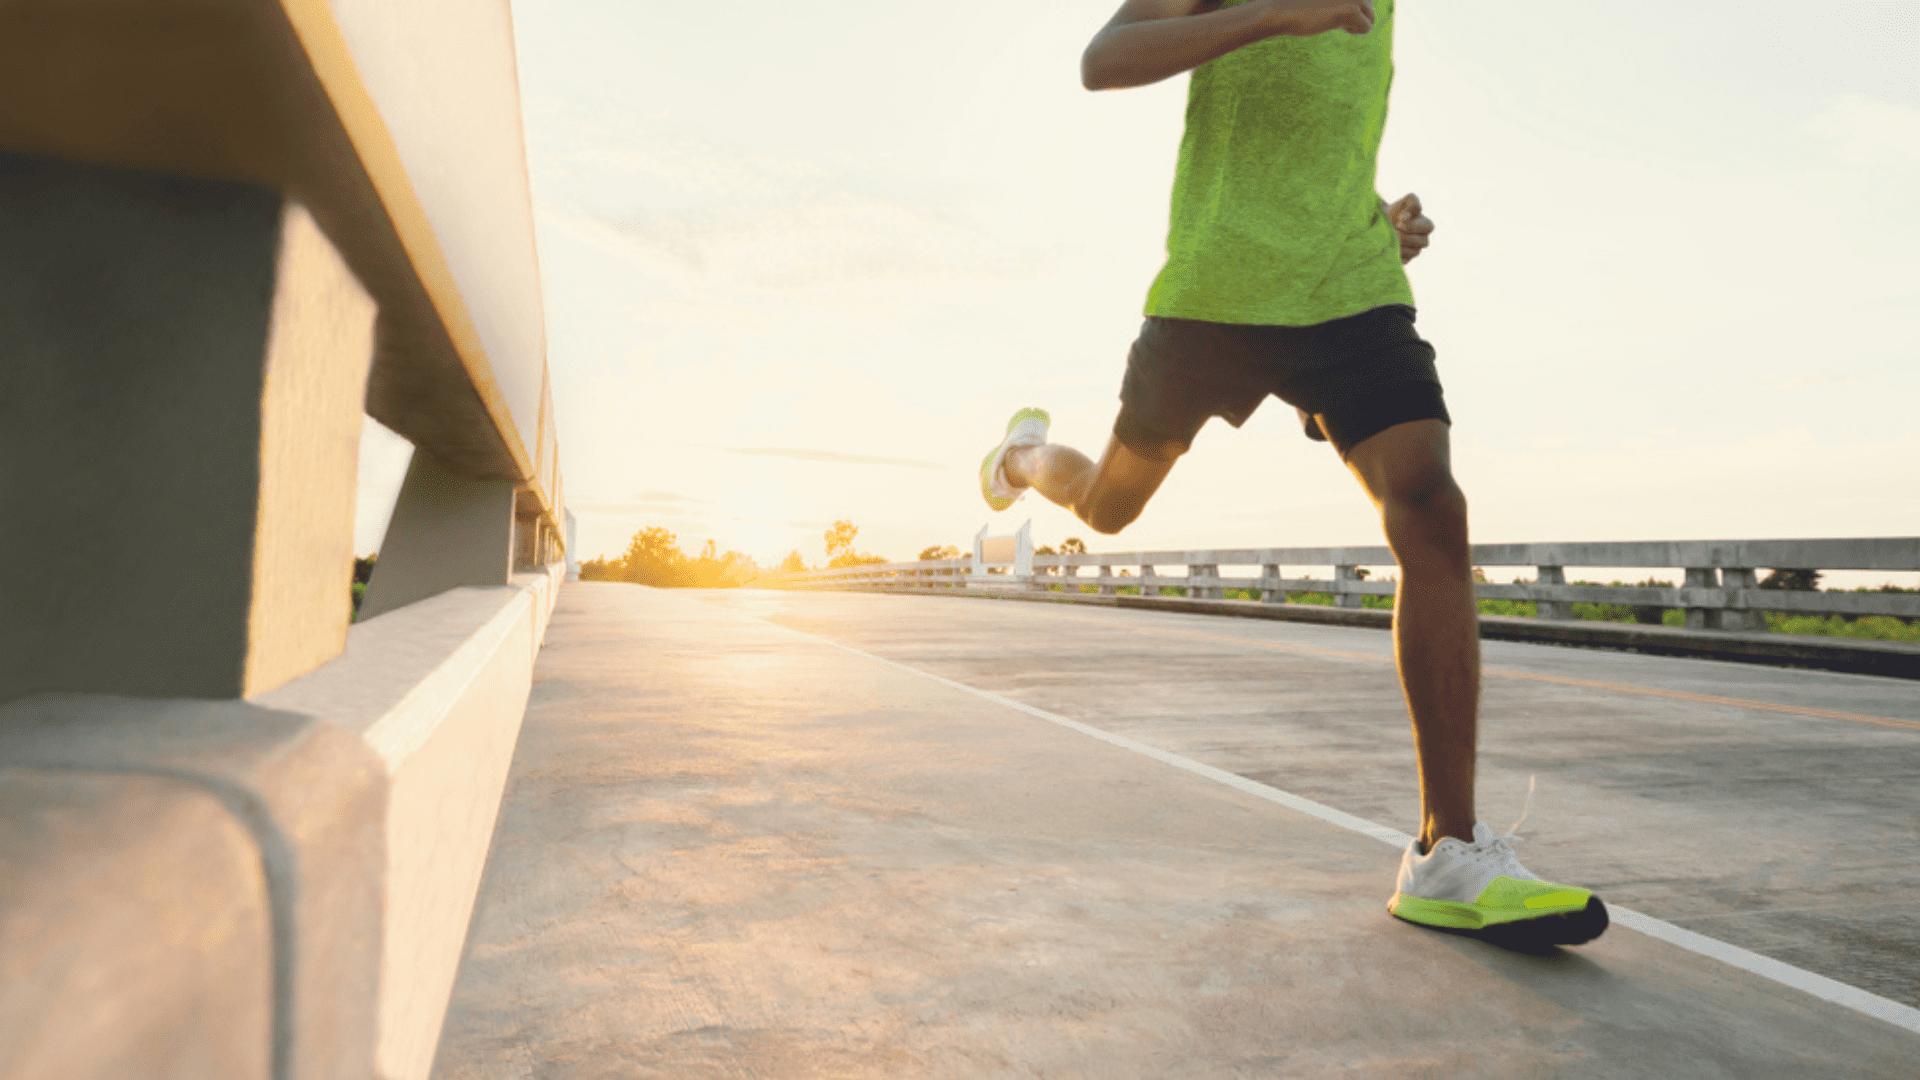 Veja a nossa seleção dos melhores tênis para corrida masculinos de 2021! (Imagem: Reprodução/Shutterstock)